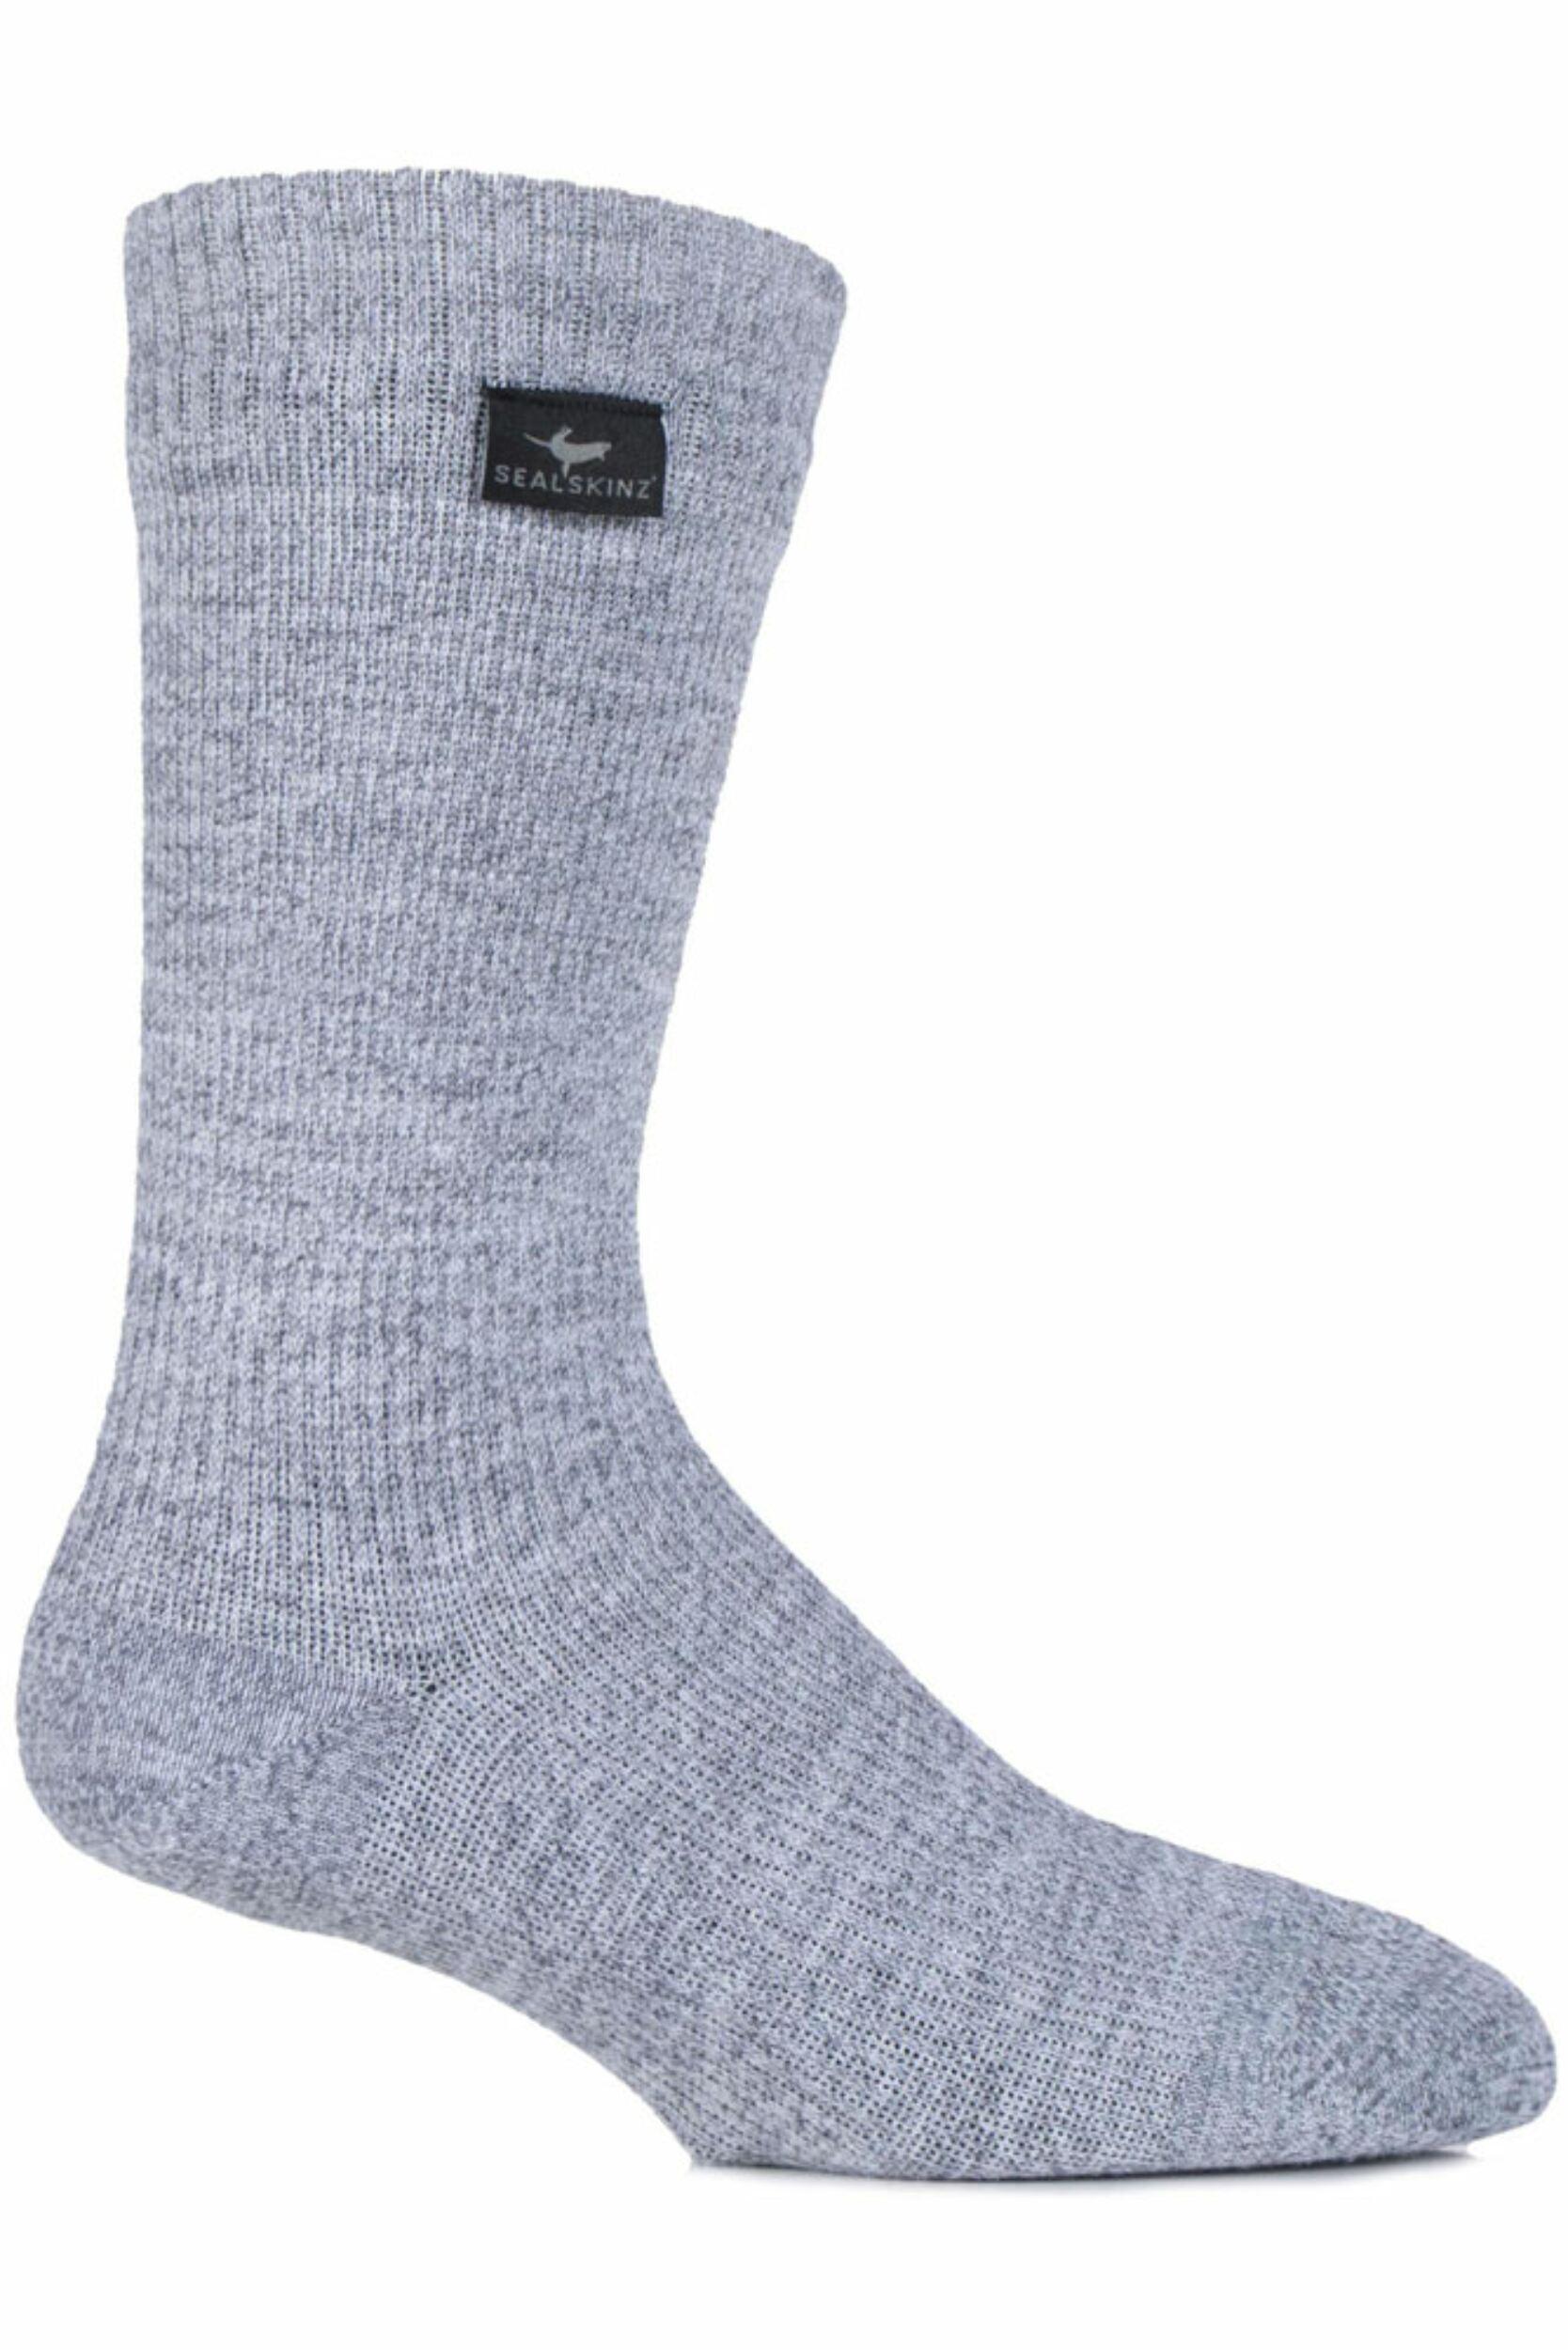 Image of Mens and Ladies 1 Pair SealSkinz 100% Waterproof Mid Weight Hiking Socks